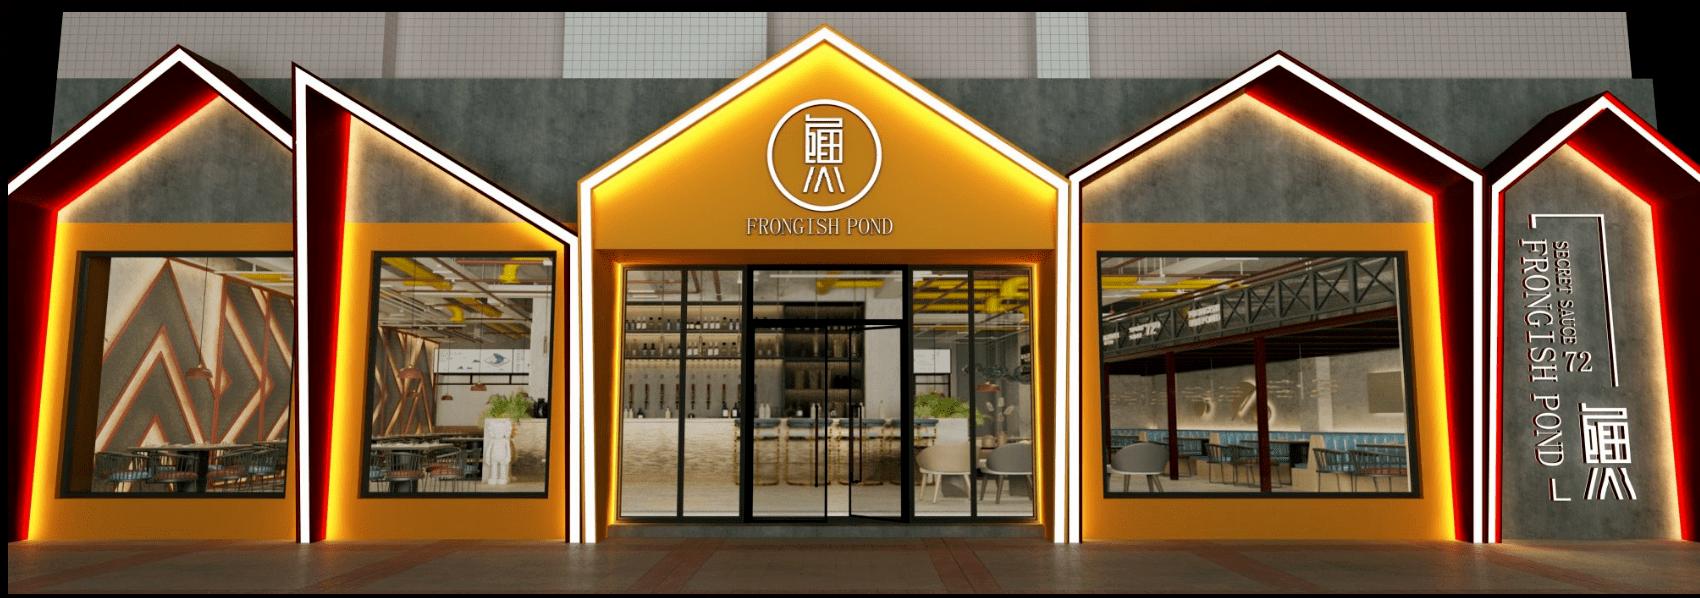 食方舟火锅店设计效果图